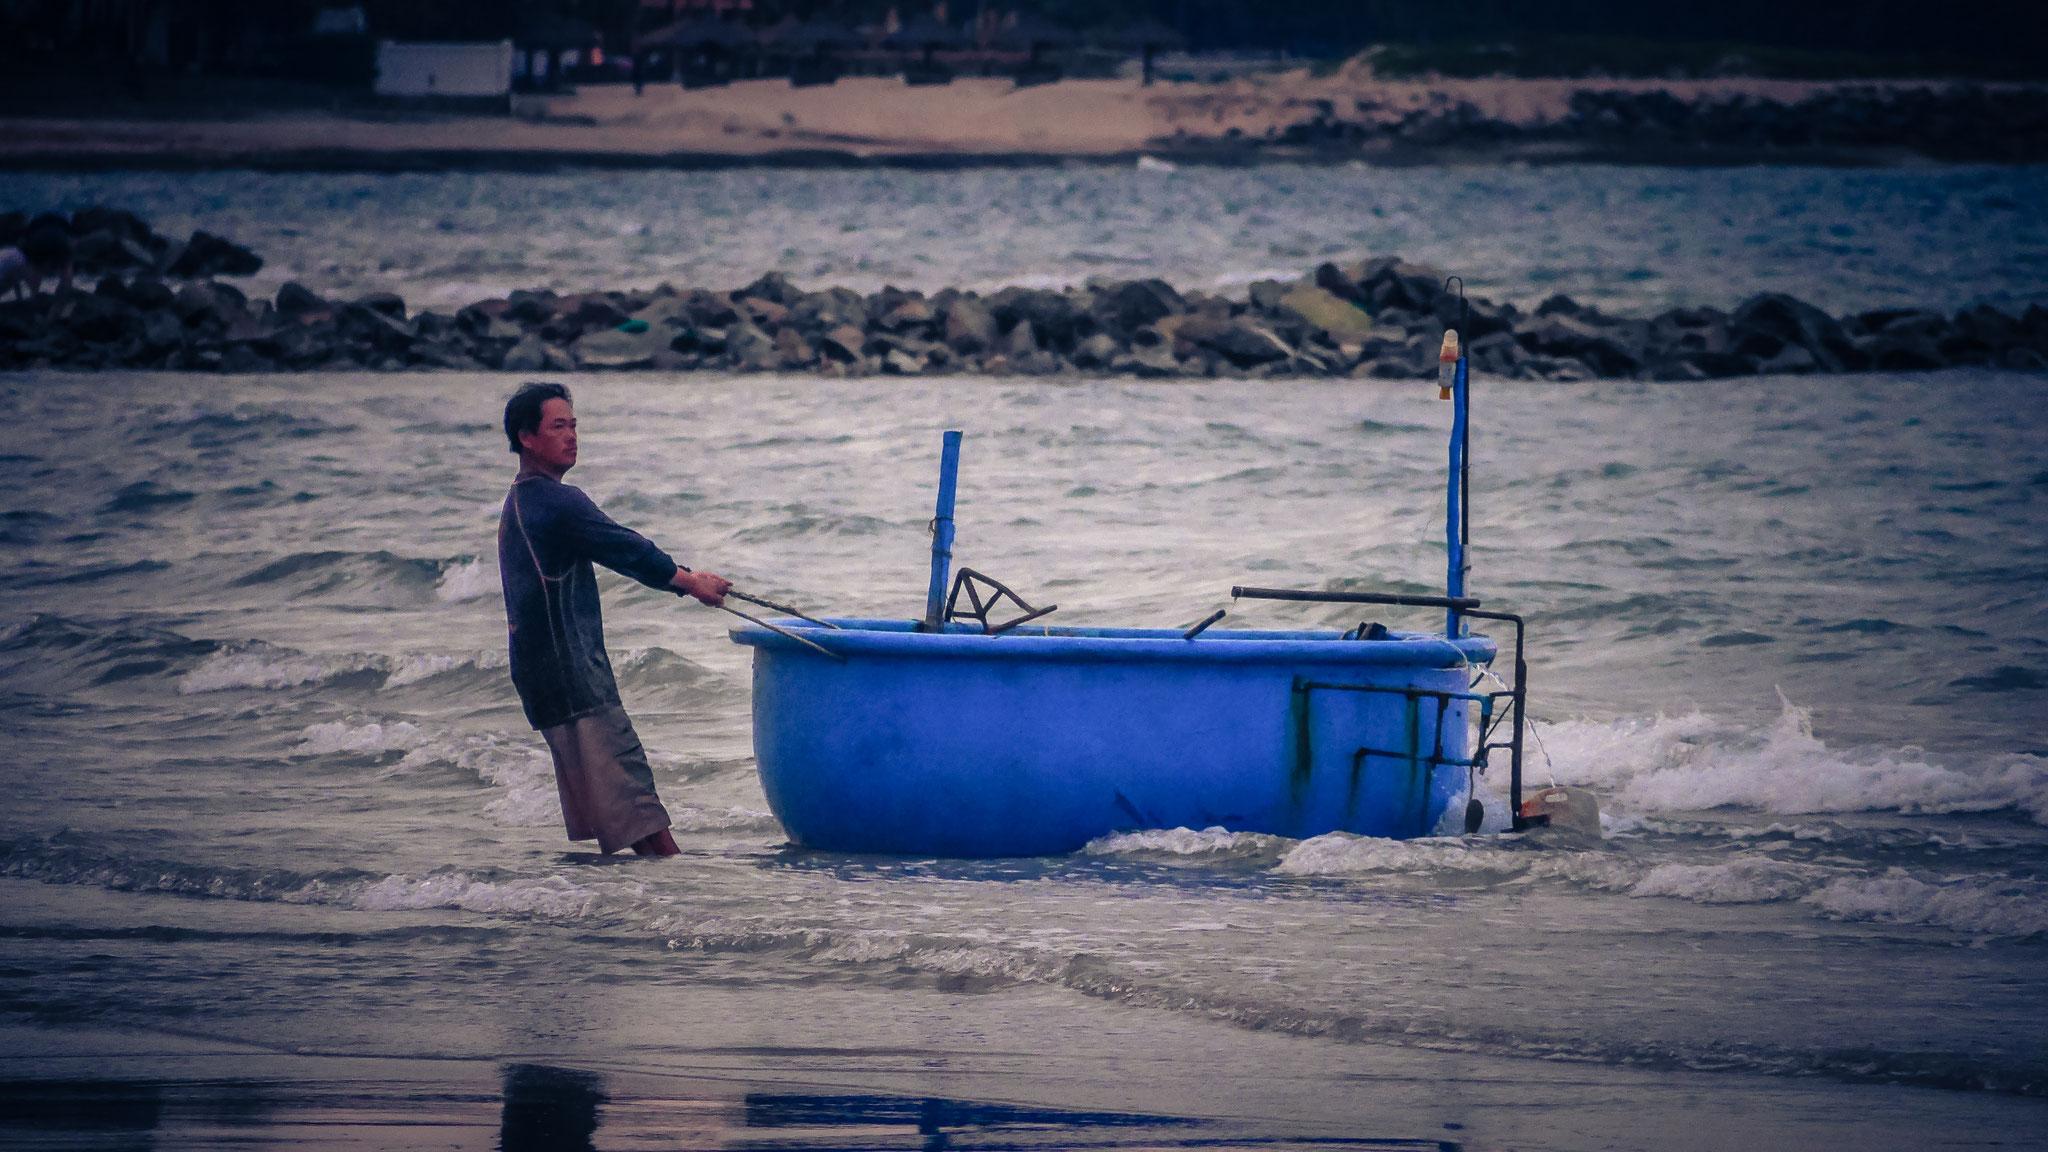 """Amaryllis Resort & Spa am Morgen - mit diesen """"reisschüsseln"""" fährt man wahrhaftig auf See zum Fischen"""